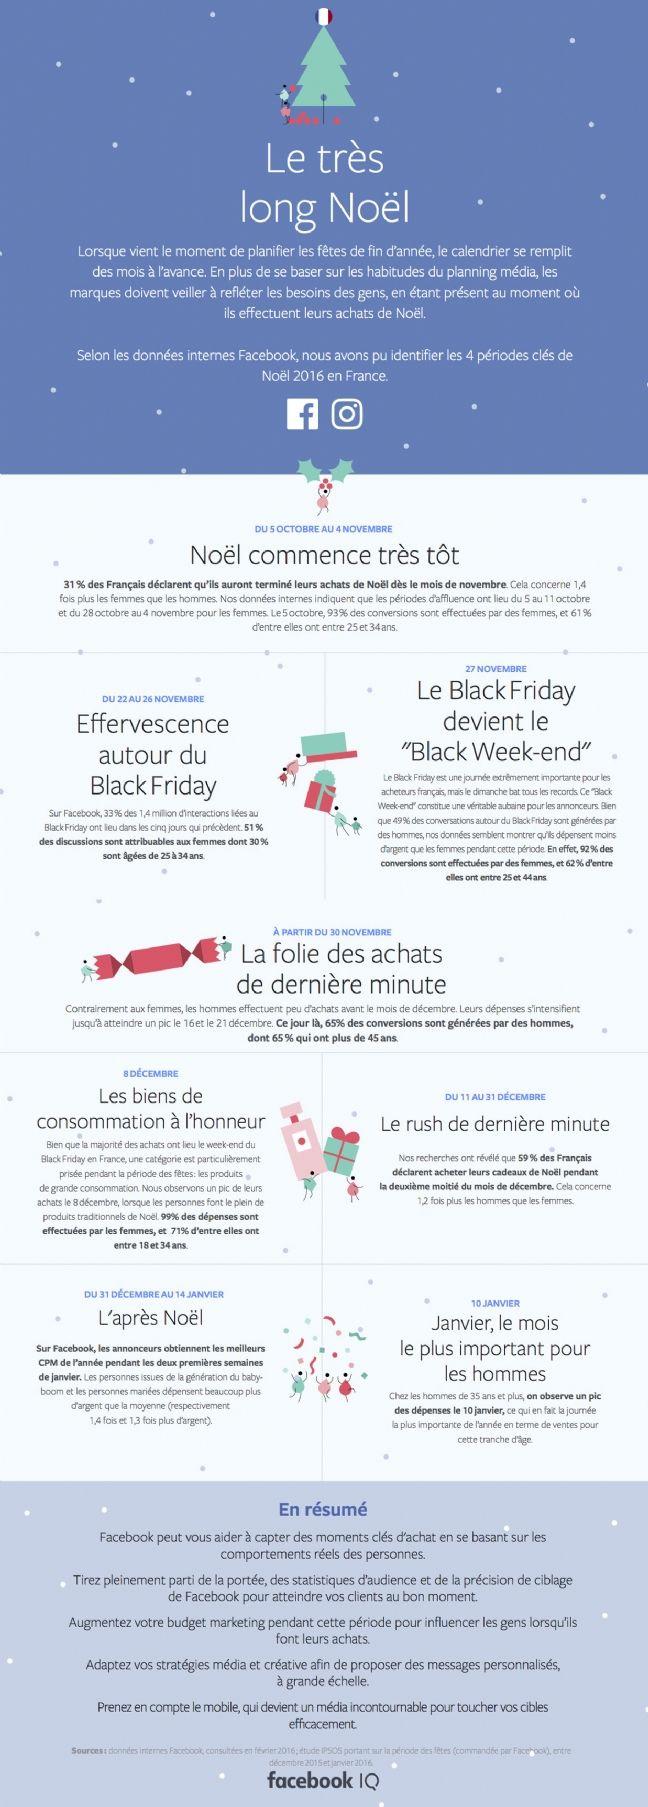 Quels acheteurs cibler avant, pendant et après Noël?